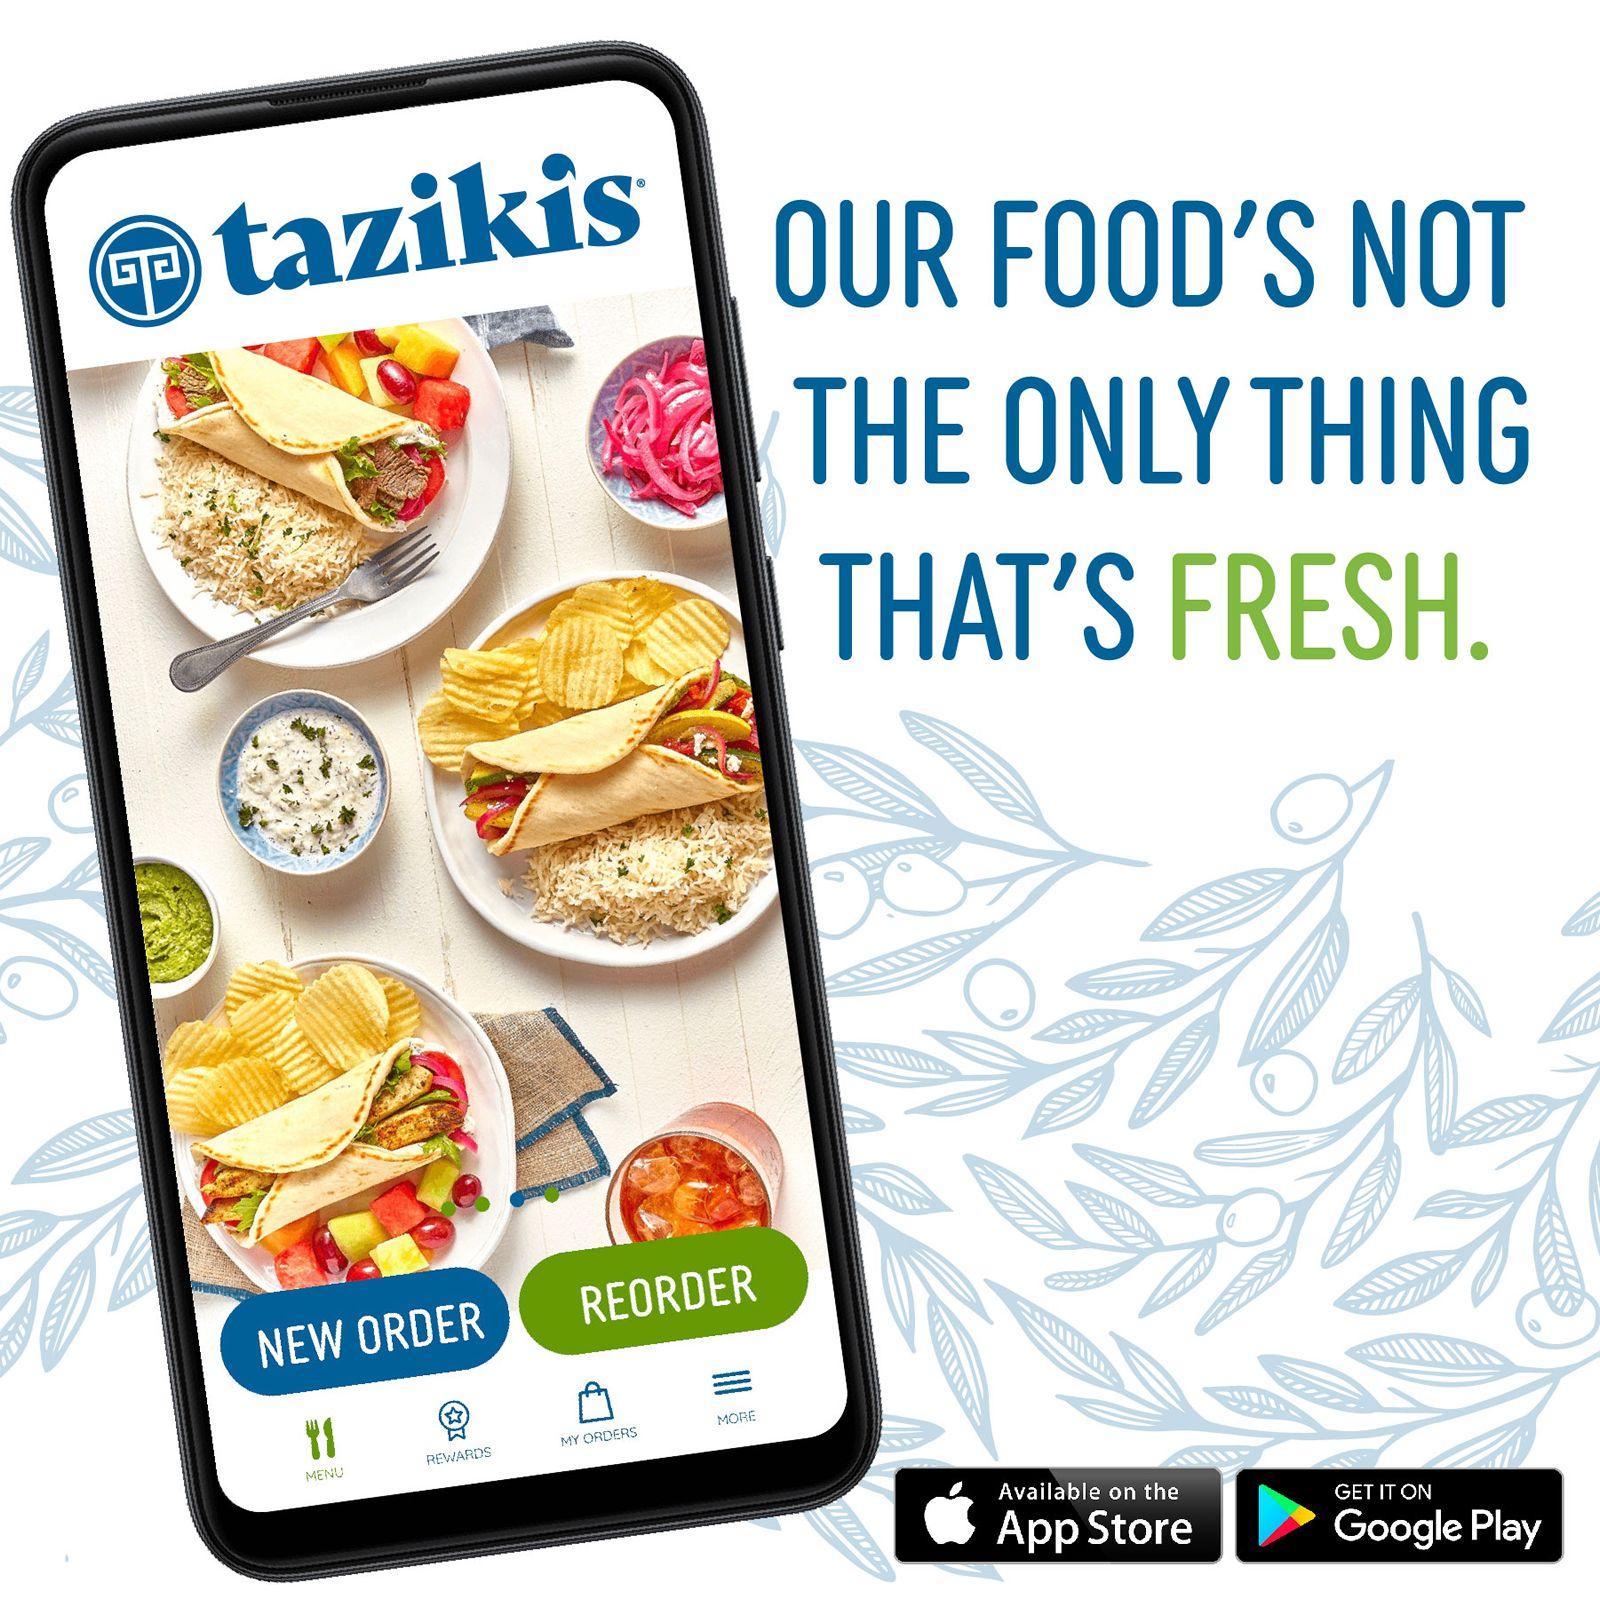 Le Café méditerranéen de Taziki dévoile une nouvelle application et une nouvelle plate-forme de commande en ligne améliorant l'expérience client